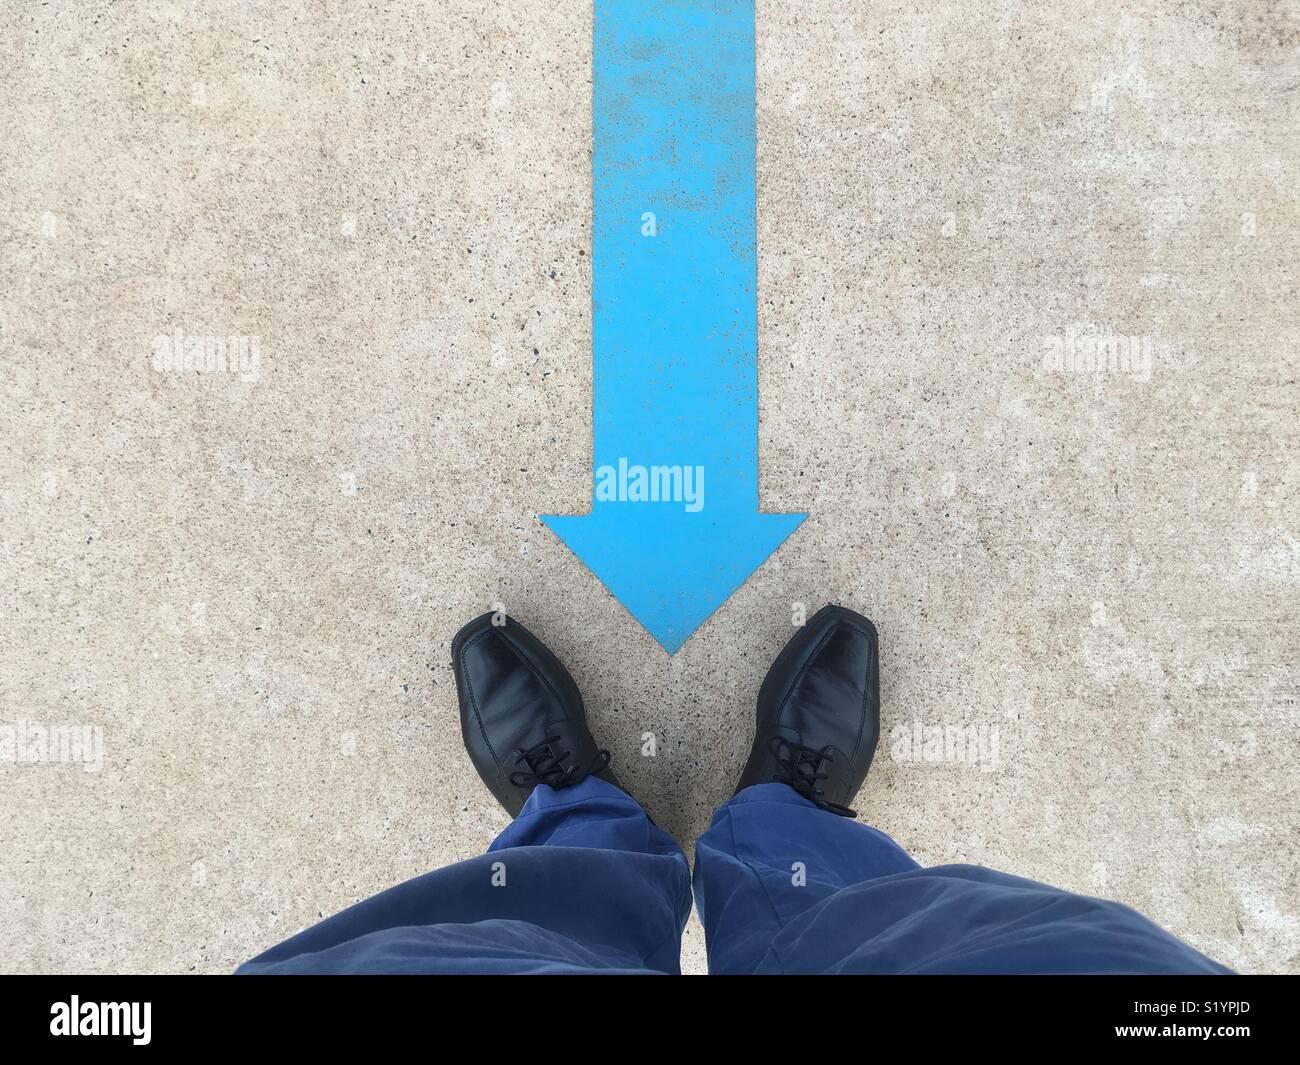 Una flecha azul pintada en el suelo apuntando a un hombre negro zapatos y pantalones azules. Imagen De Stock